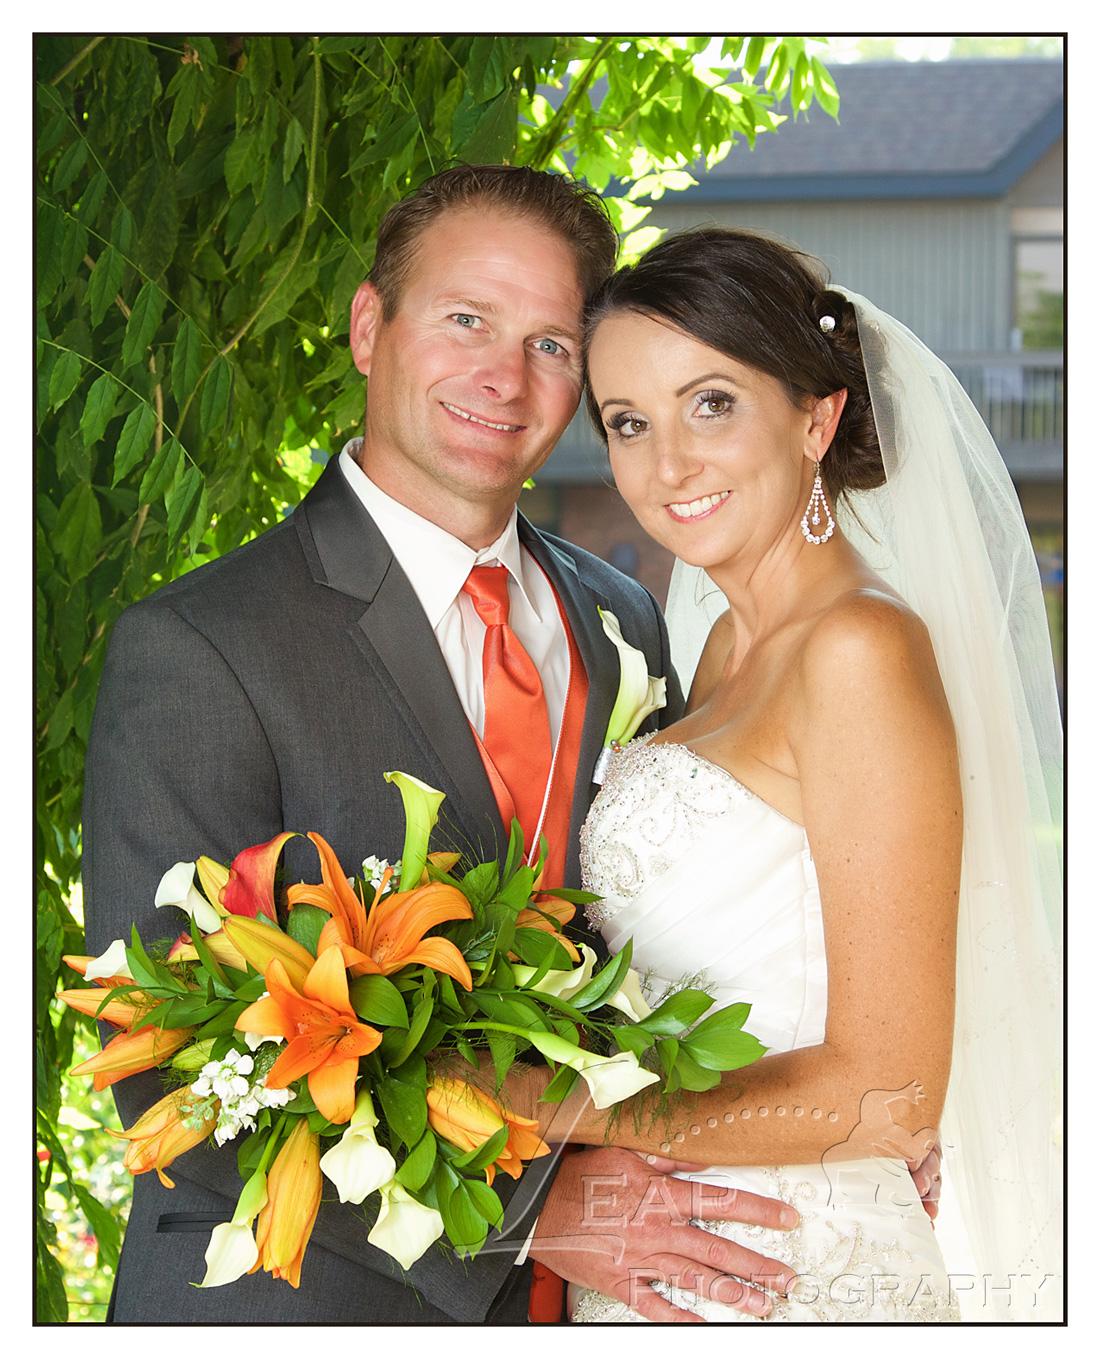 Boise couples wedding portrait